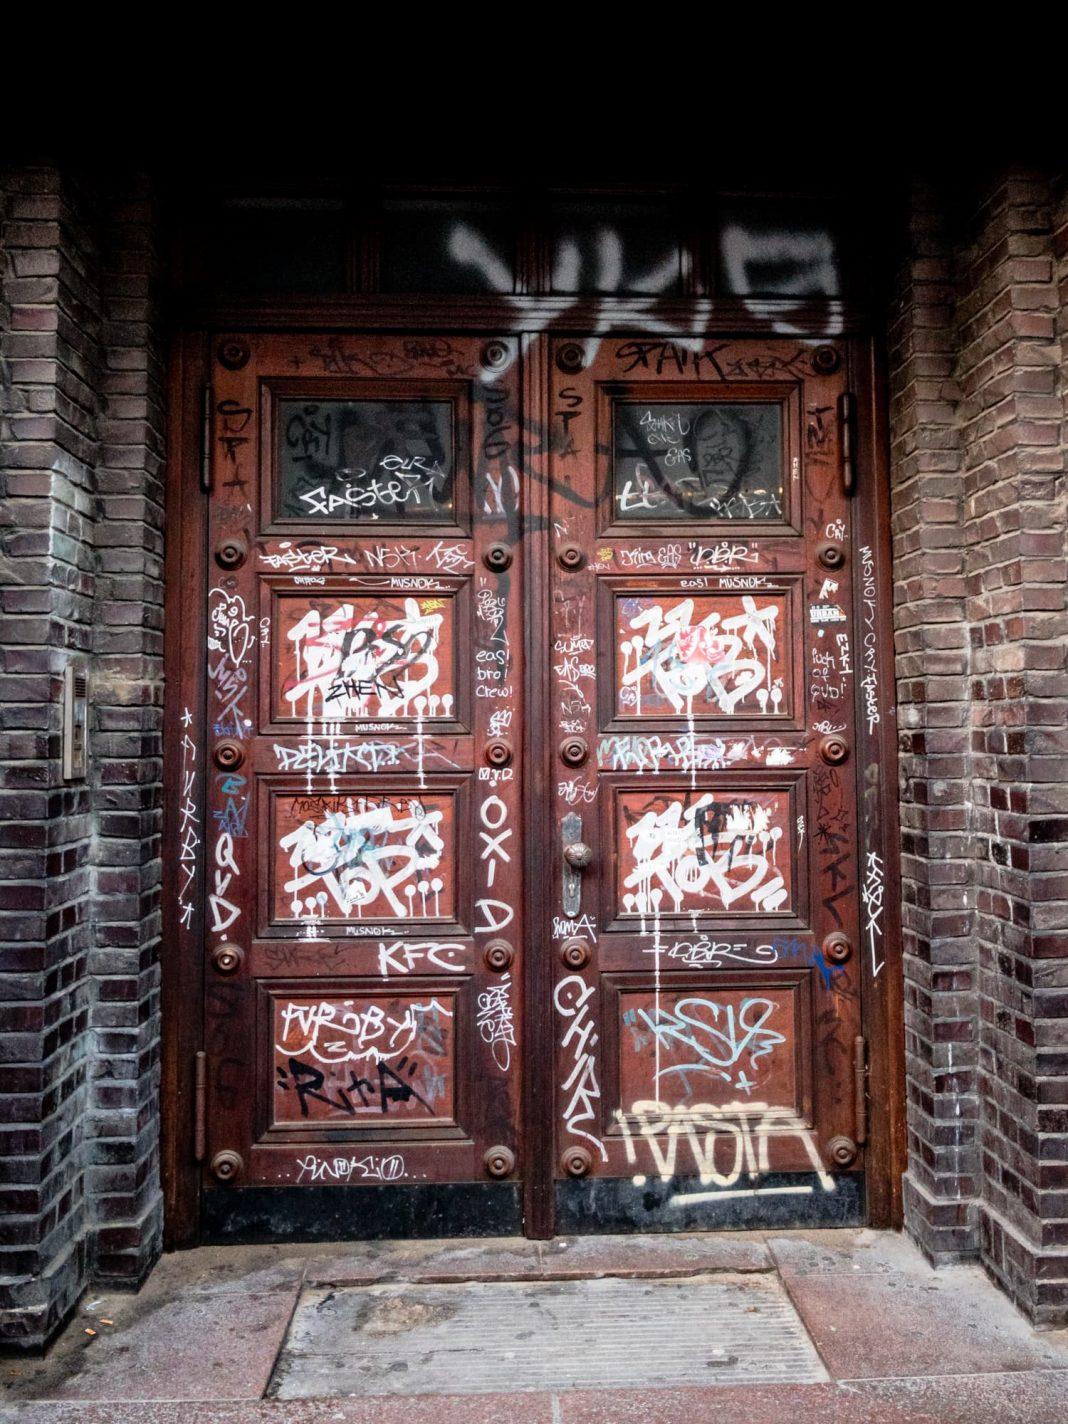 Foto: Eine zugeschmierte Tür in Kiel (diesmal in Farbe)